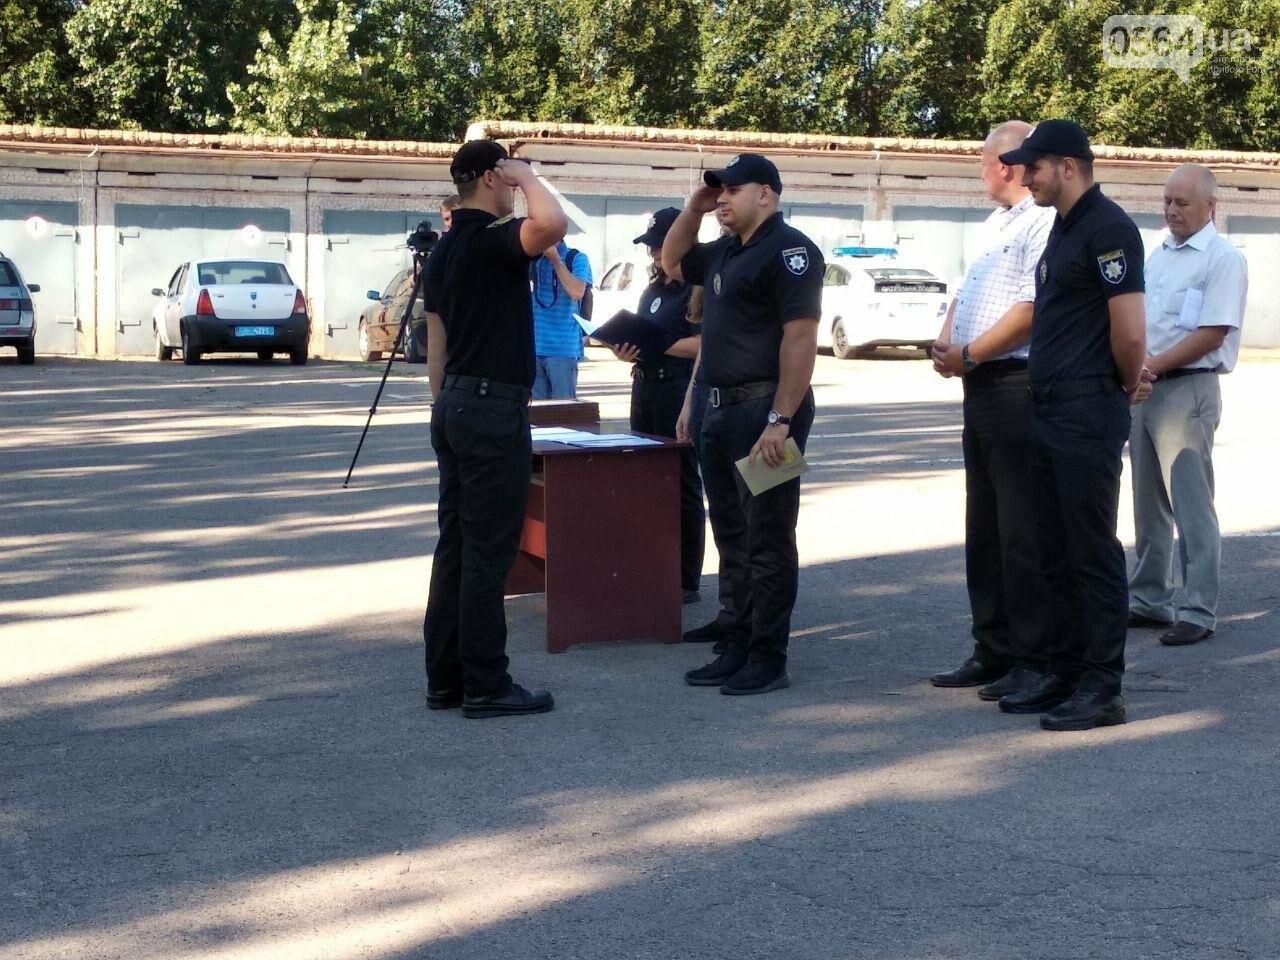 В Кривом Роге наградили патрульных за добросовестное выполнение служебных обязанностей, - ФОТО, фото-12